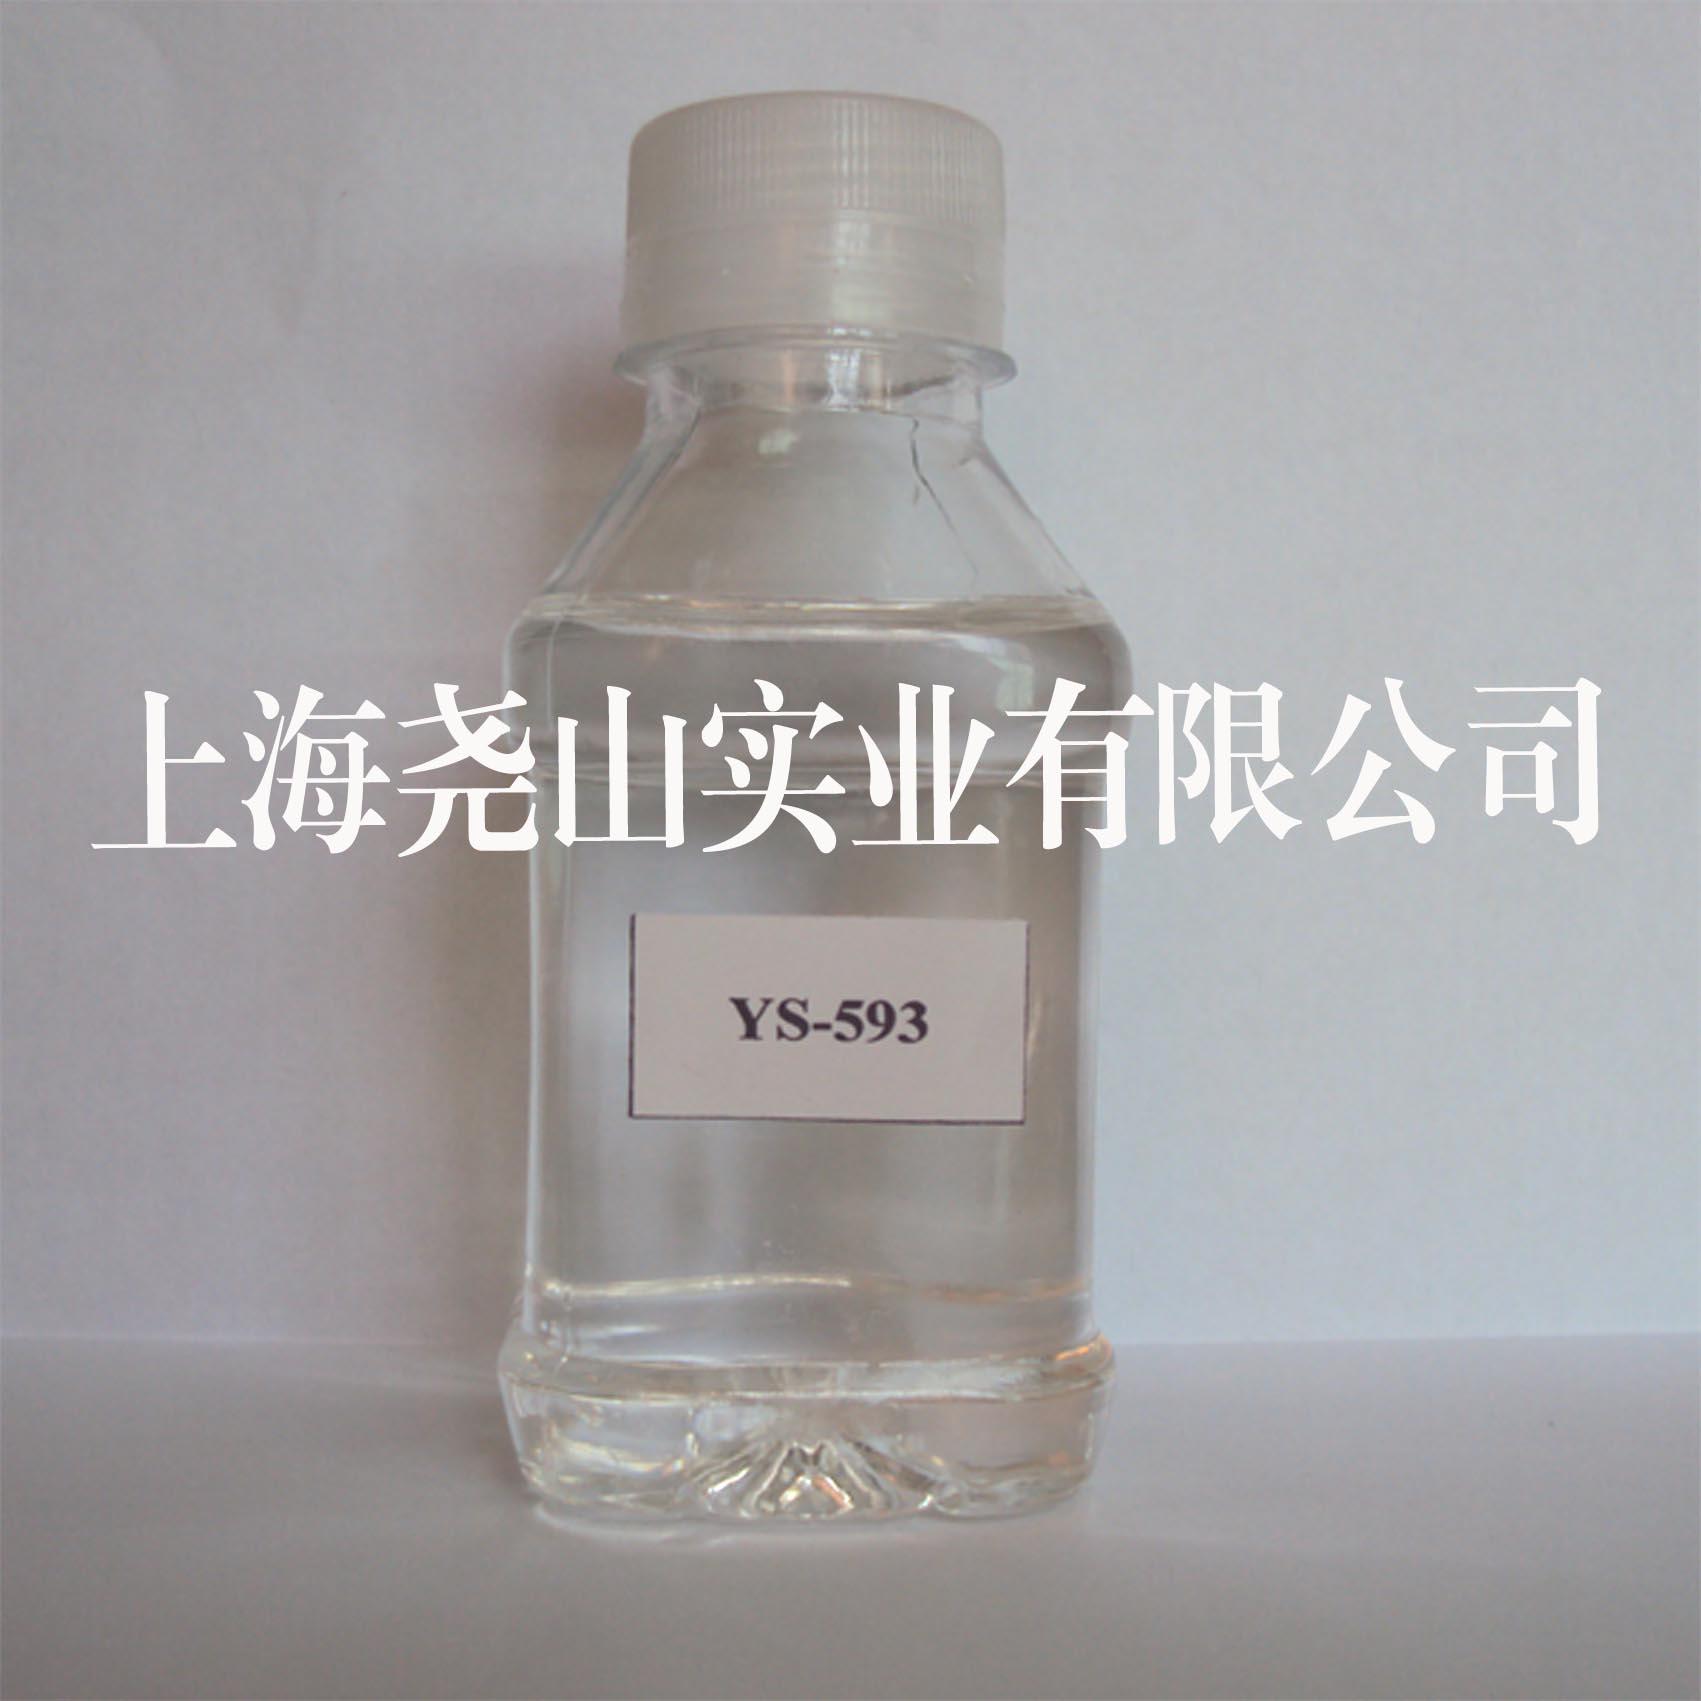 环氧树脂固化剂YS-593